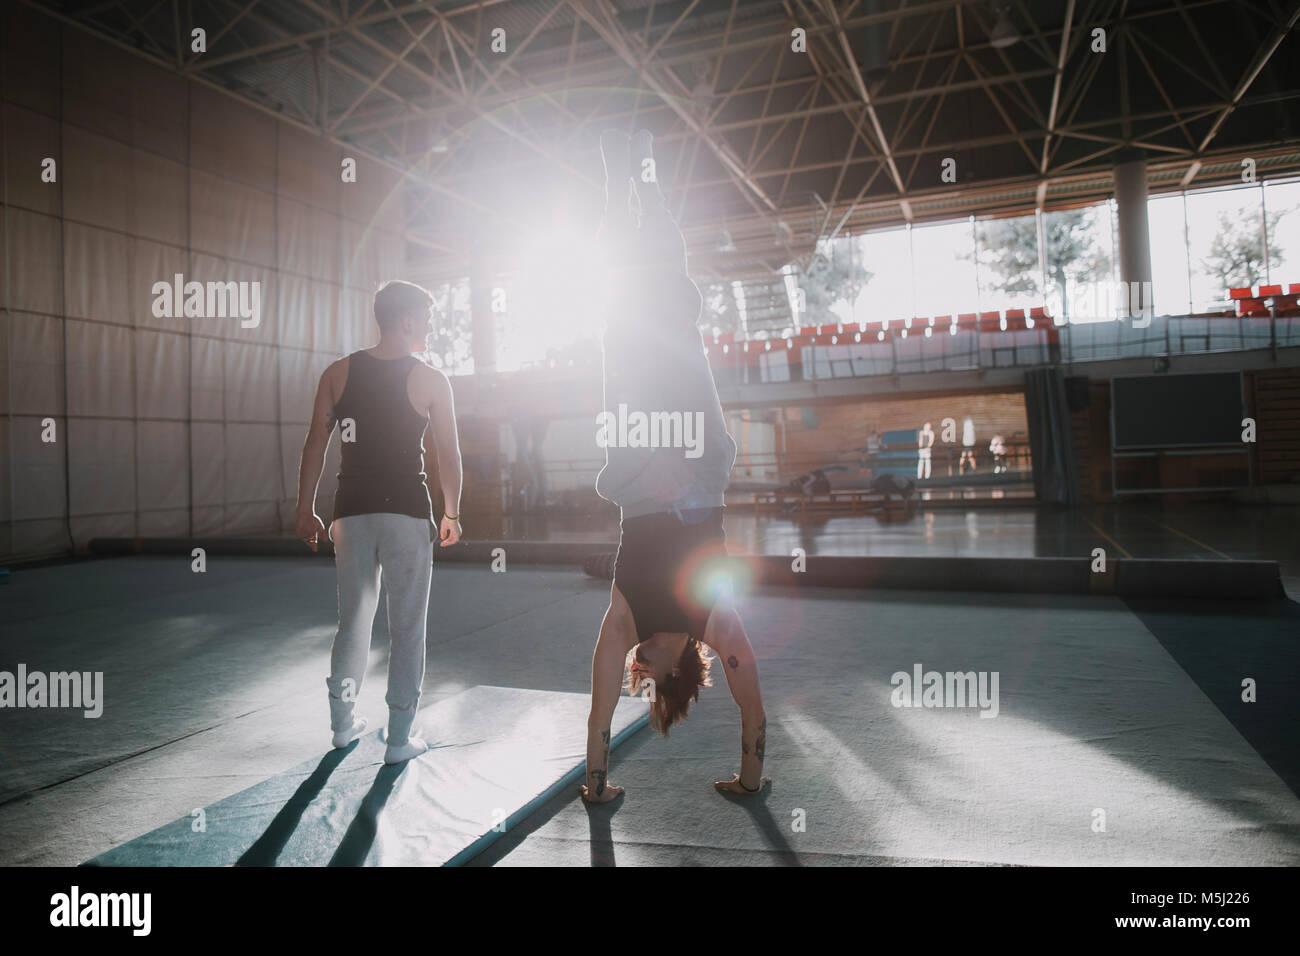 Dos hombres haciendo ejercicio en el gimnasio Imagen De Stock